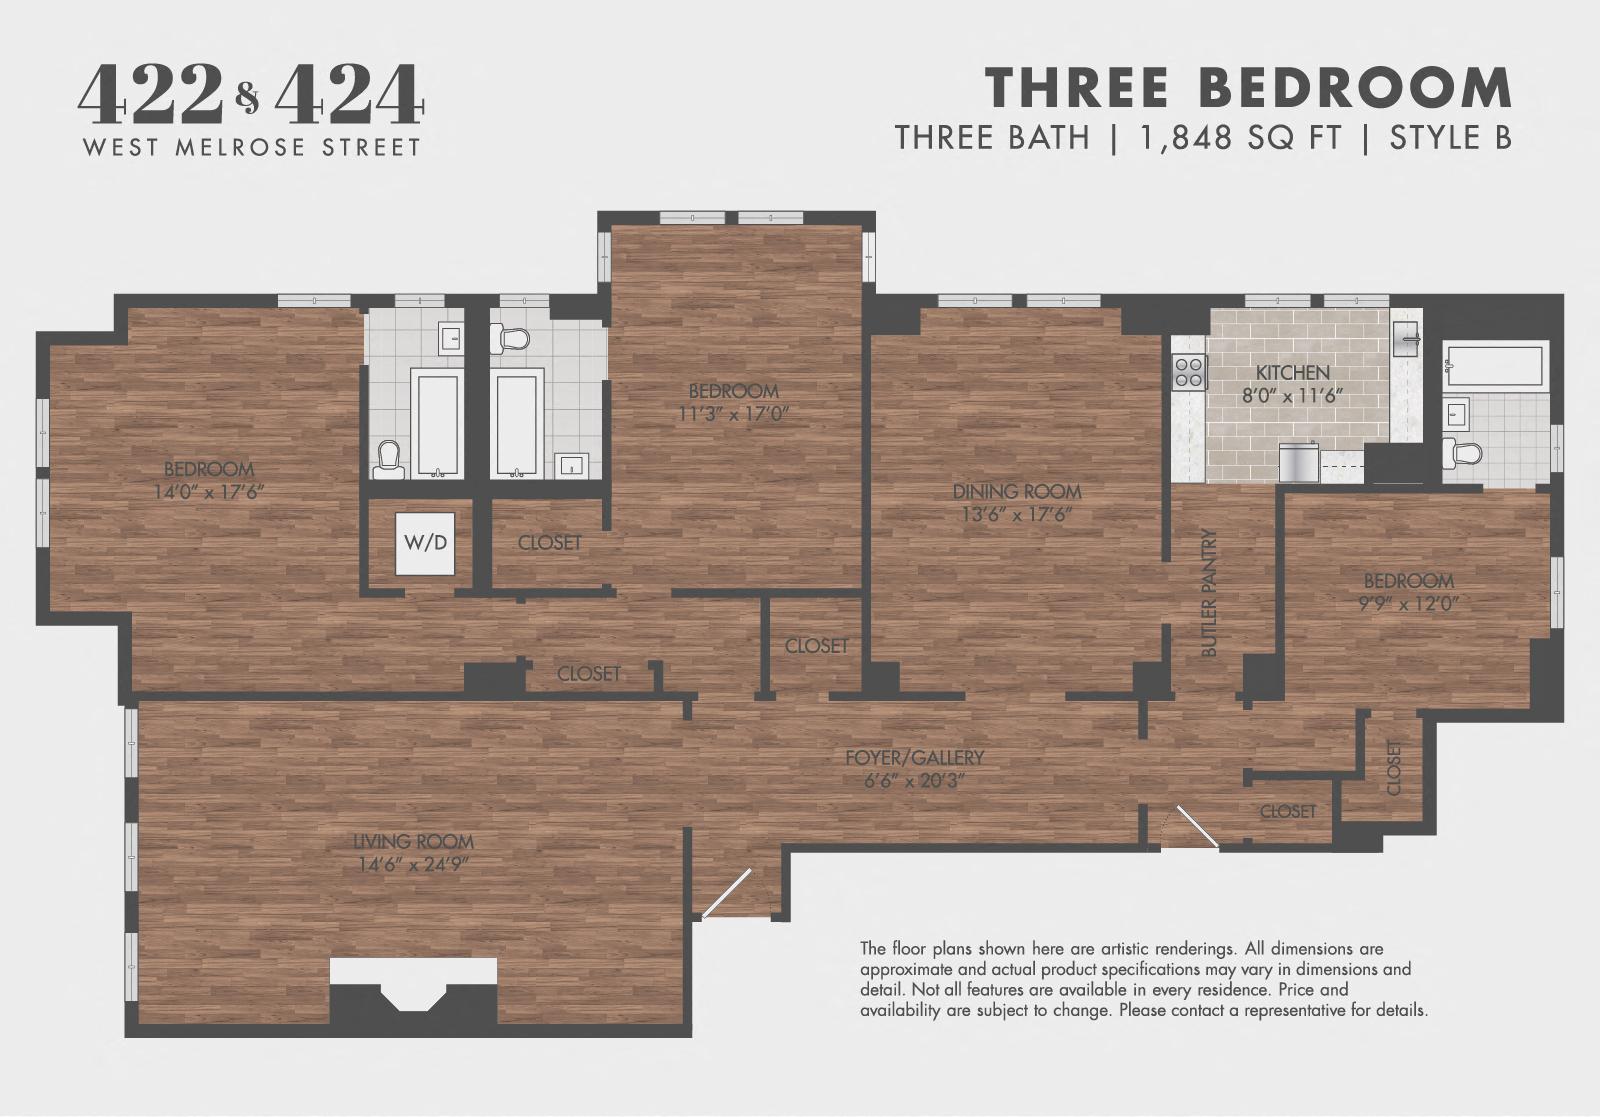 3BR/3BA - Style B